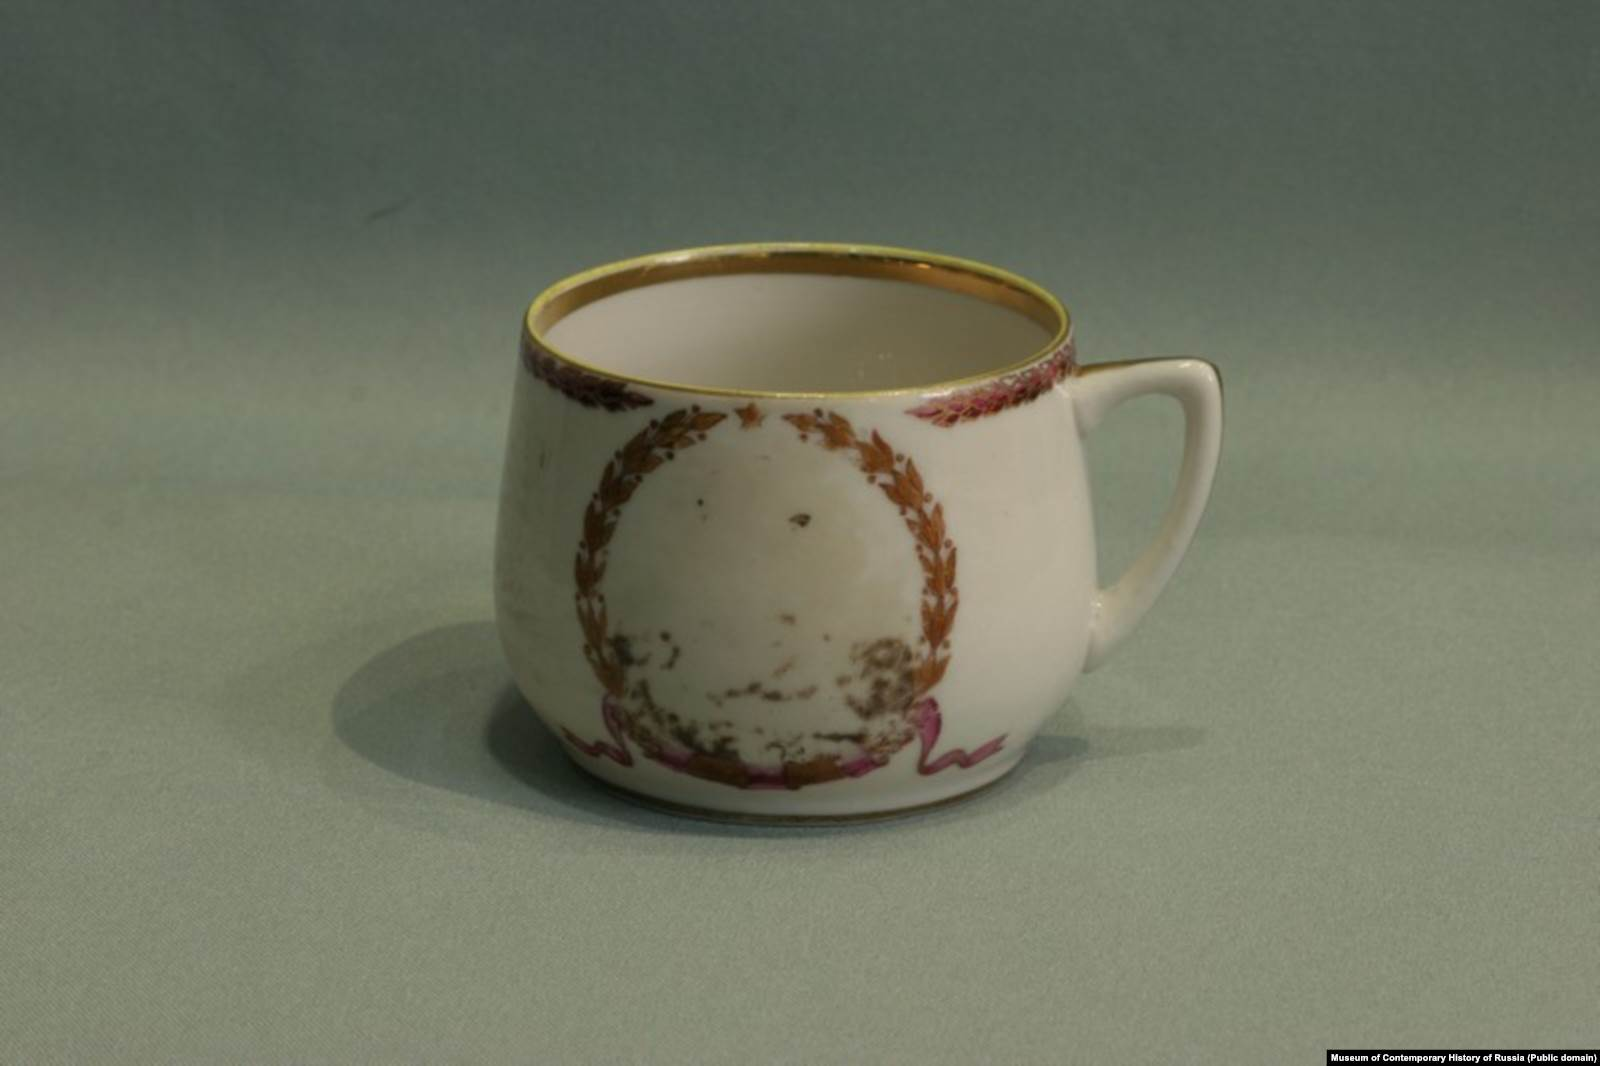 Чашка из коллекции Музея современной истории России с затертым портретом Лаврентия Берии